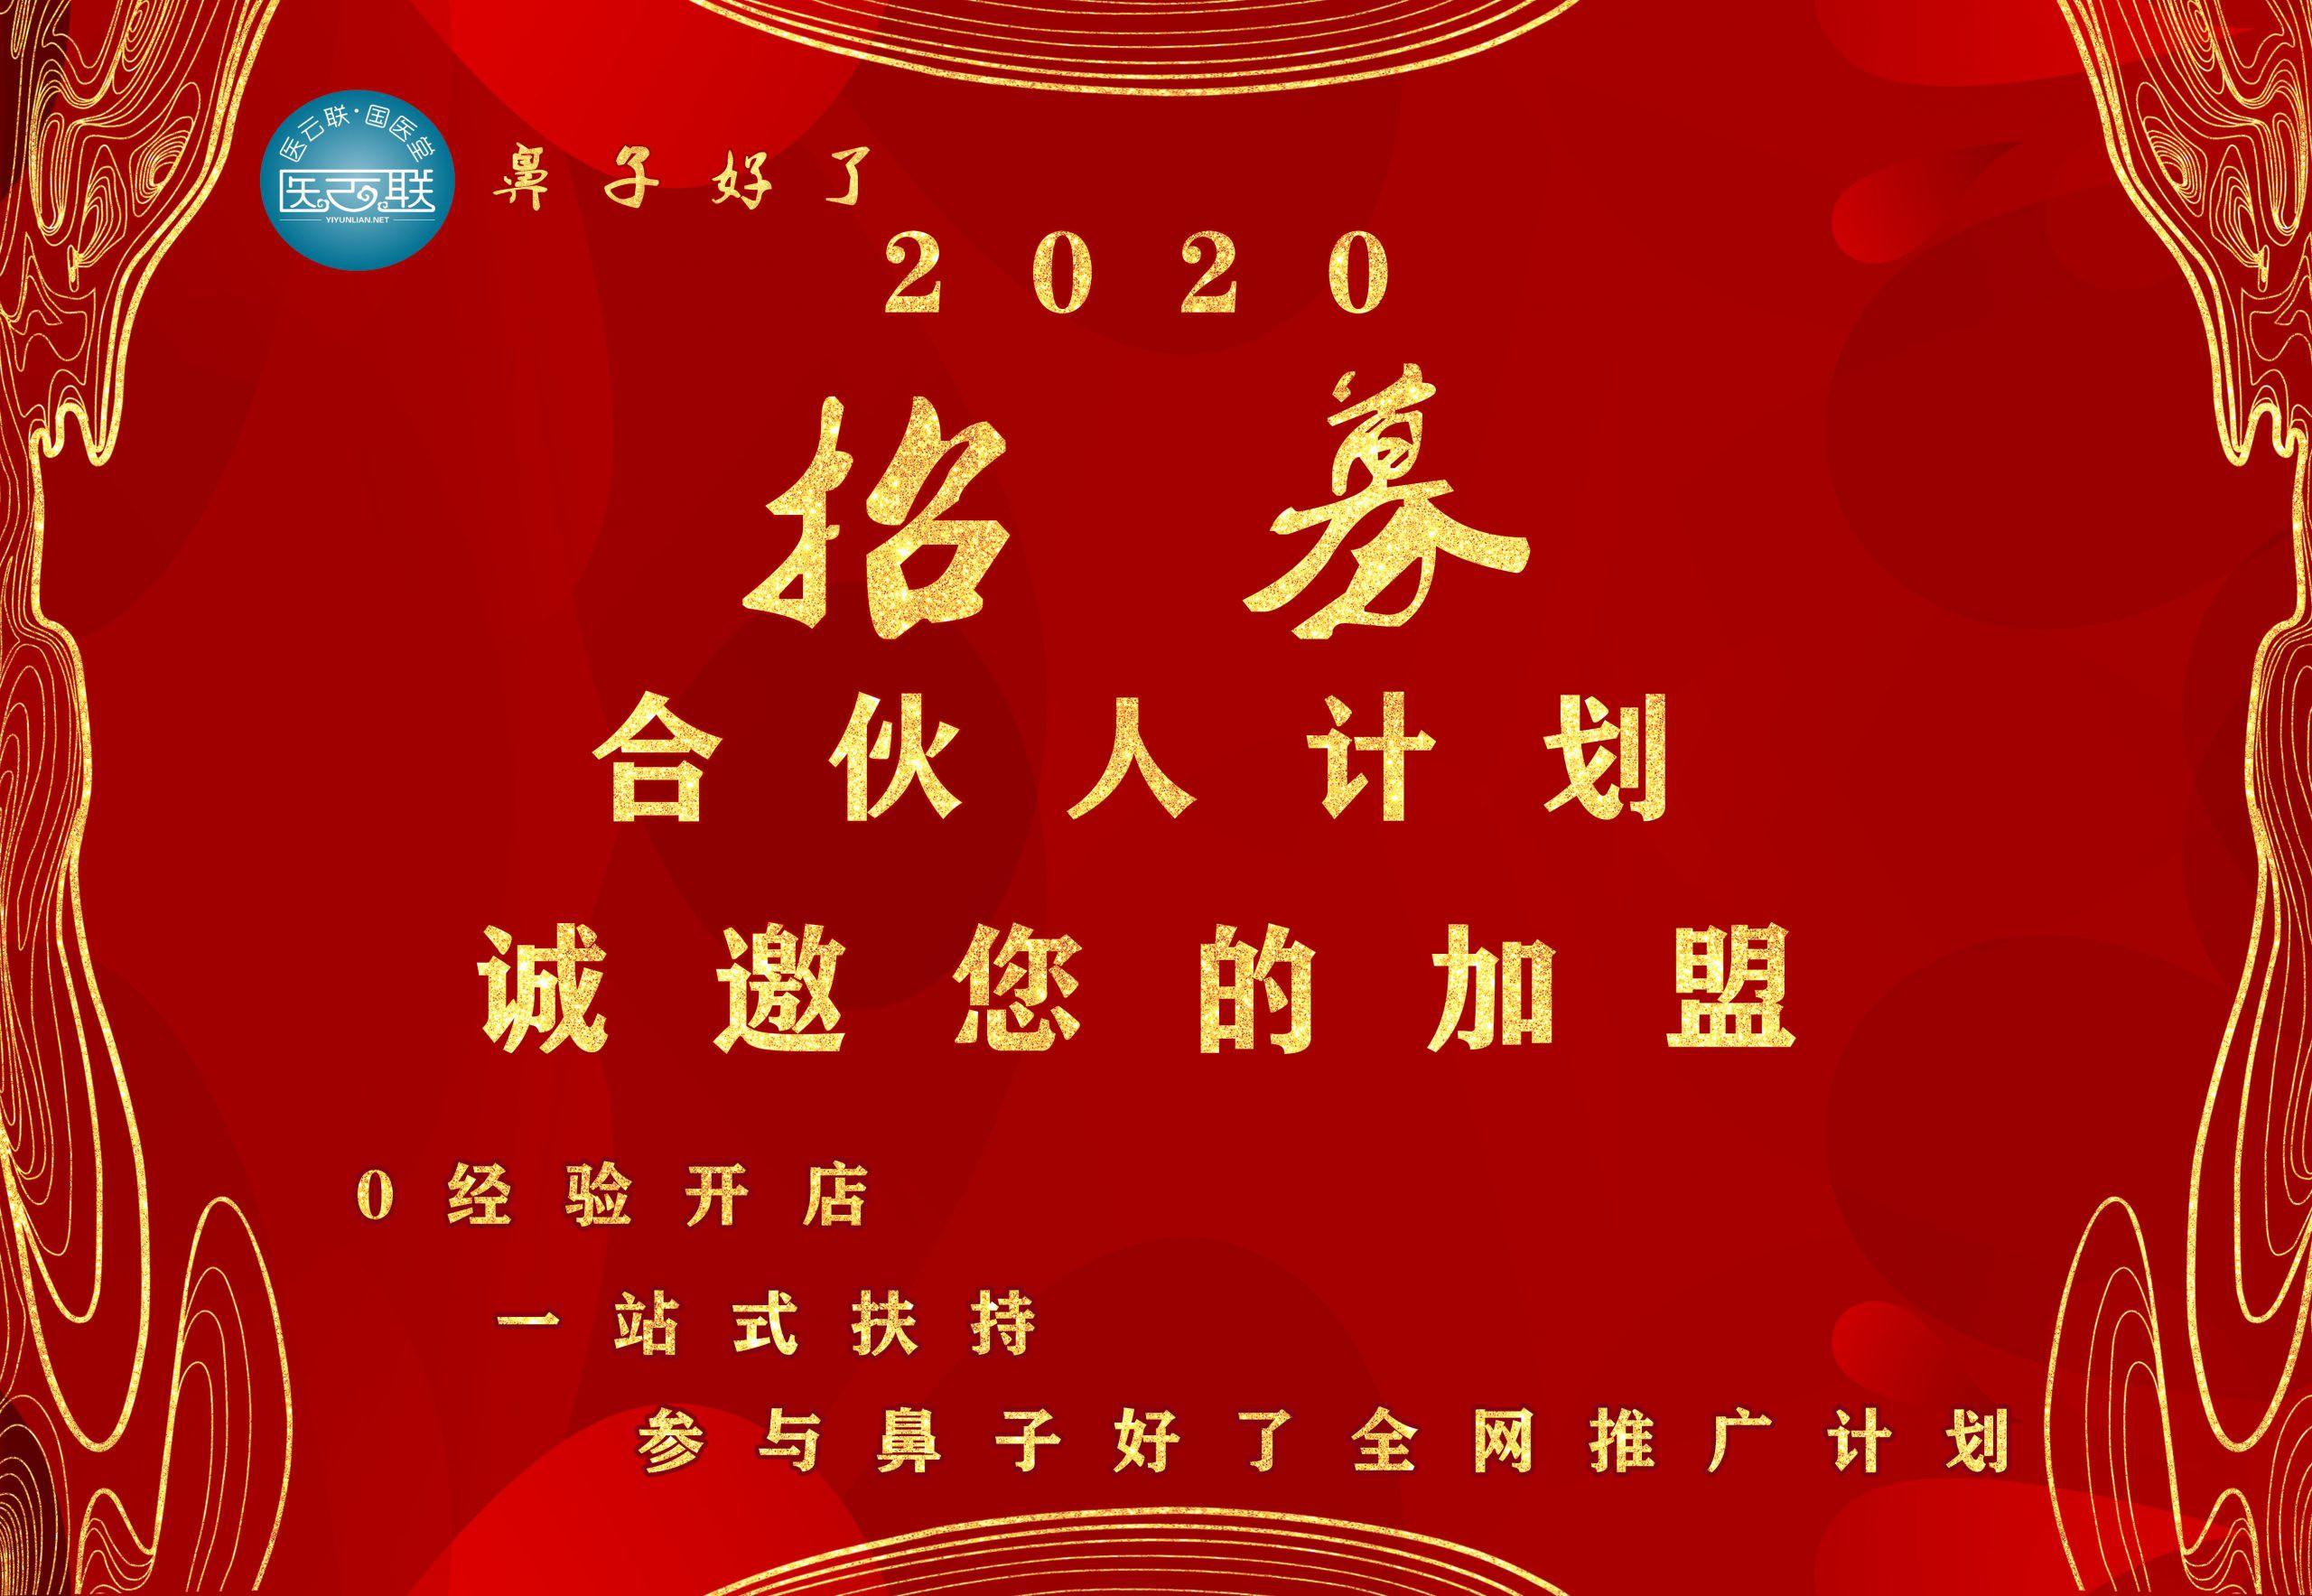 attachments-2020-01-SG0a4KIl5e2003065e41d.jpg